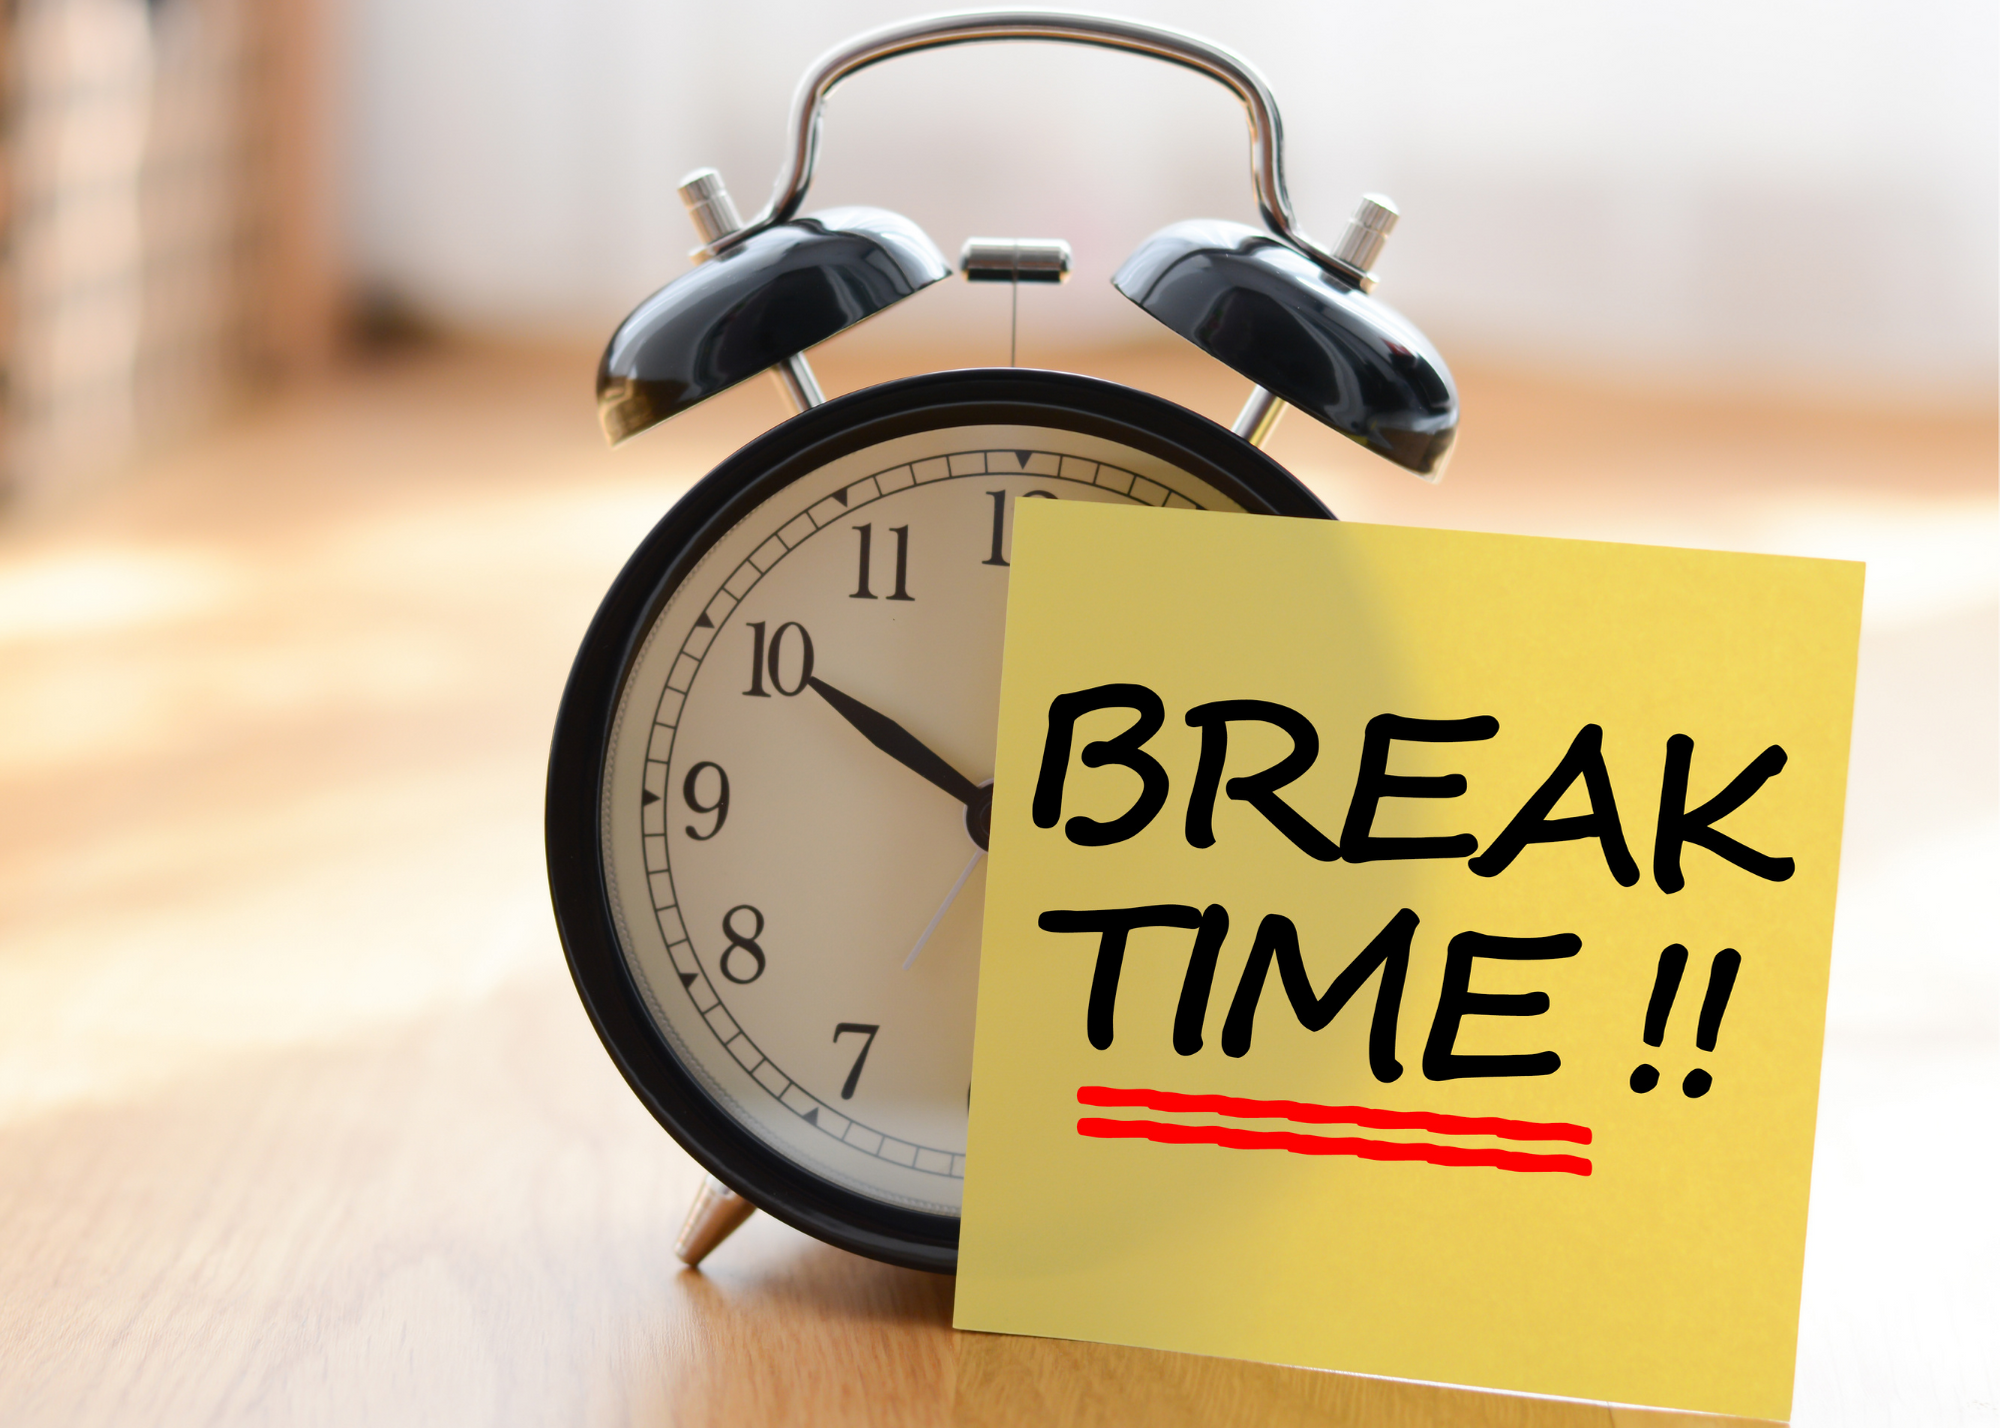 Ultradian Rhythm & the Importance of Taking Breaks